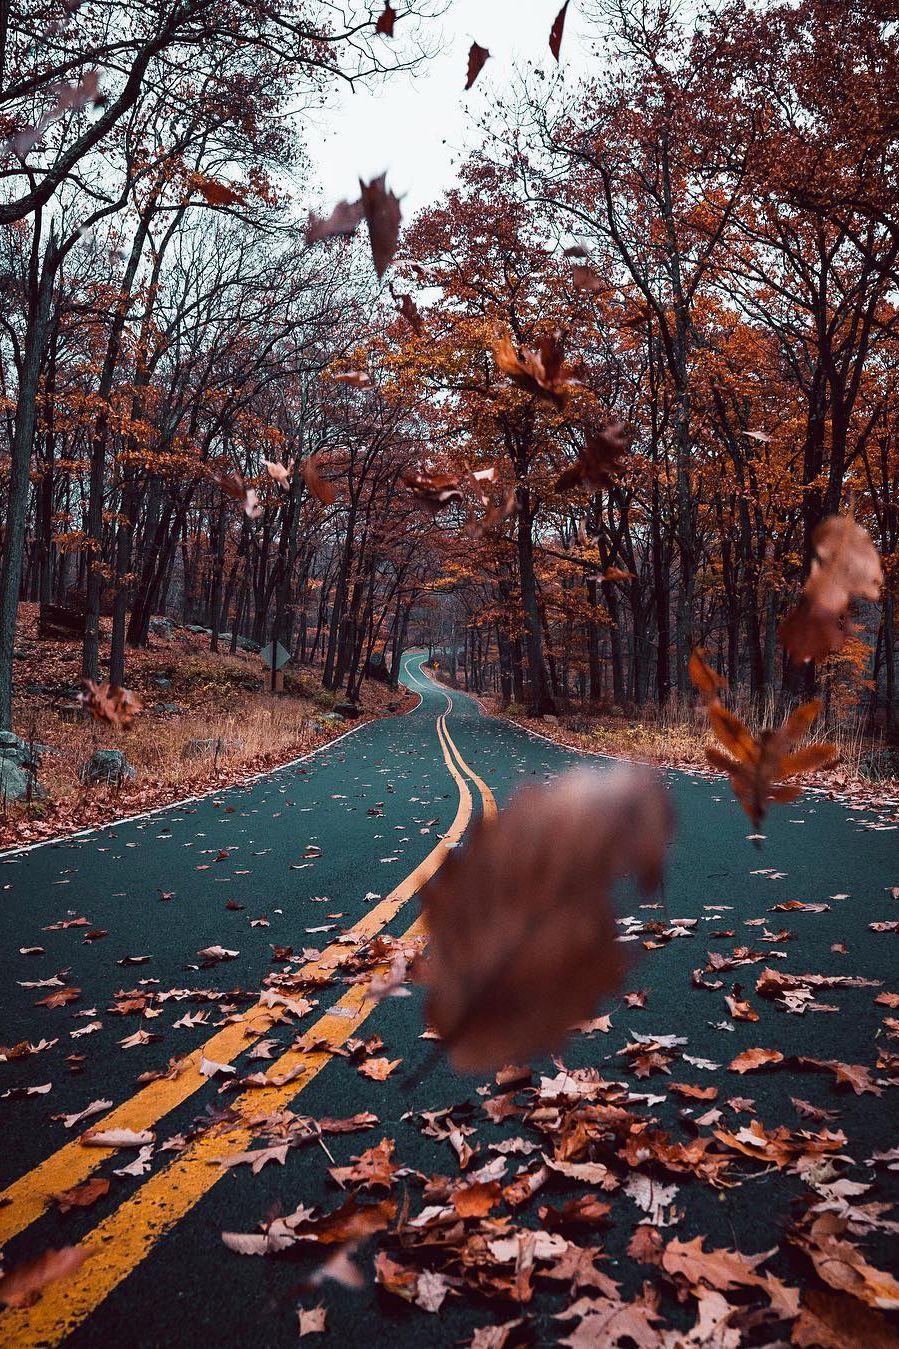 Halloween speed dating pictures tumblr ocean